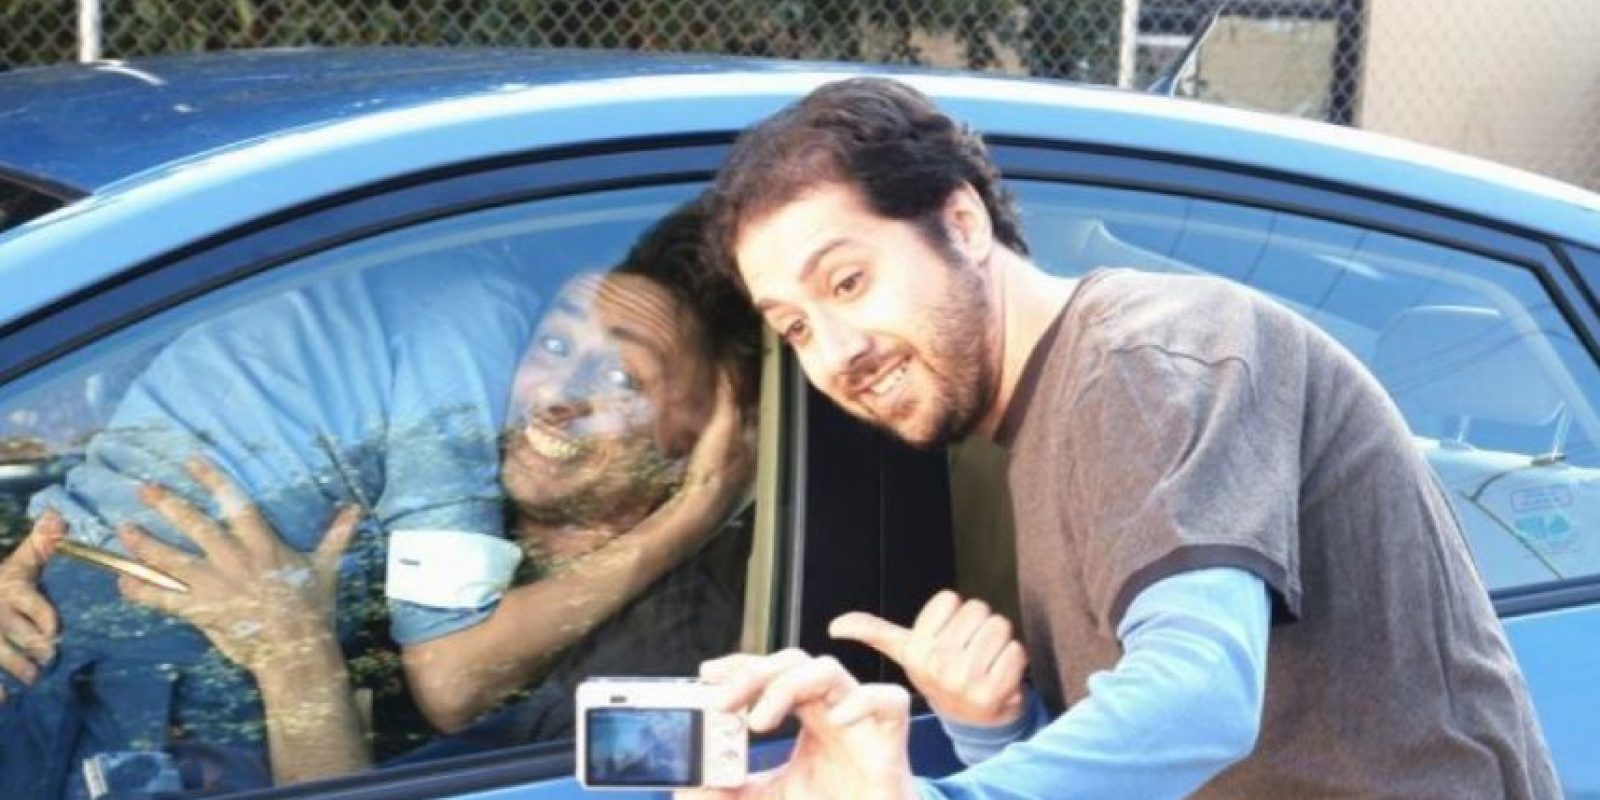 Para no ser detenidos por tener sexo dentro del auto, una pareja lo encerró y lo dejó prendido. De esta manera, los dos murieron ahogados por el monóxido de carbono que desprende el automotor. Foto:Fanpop